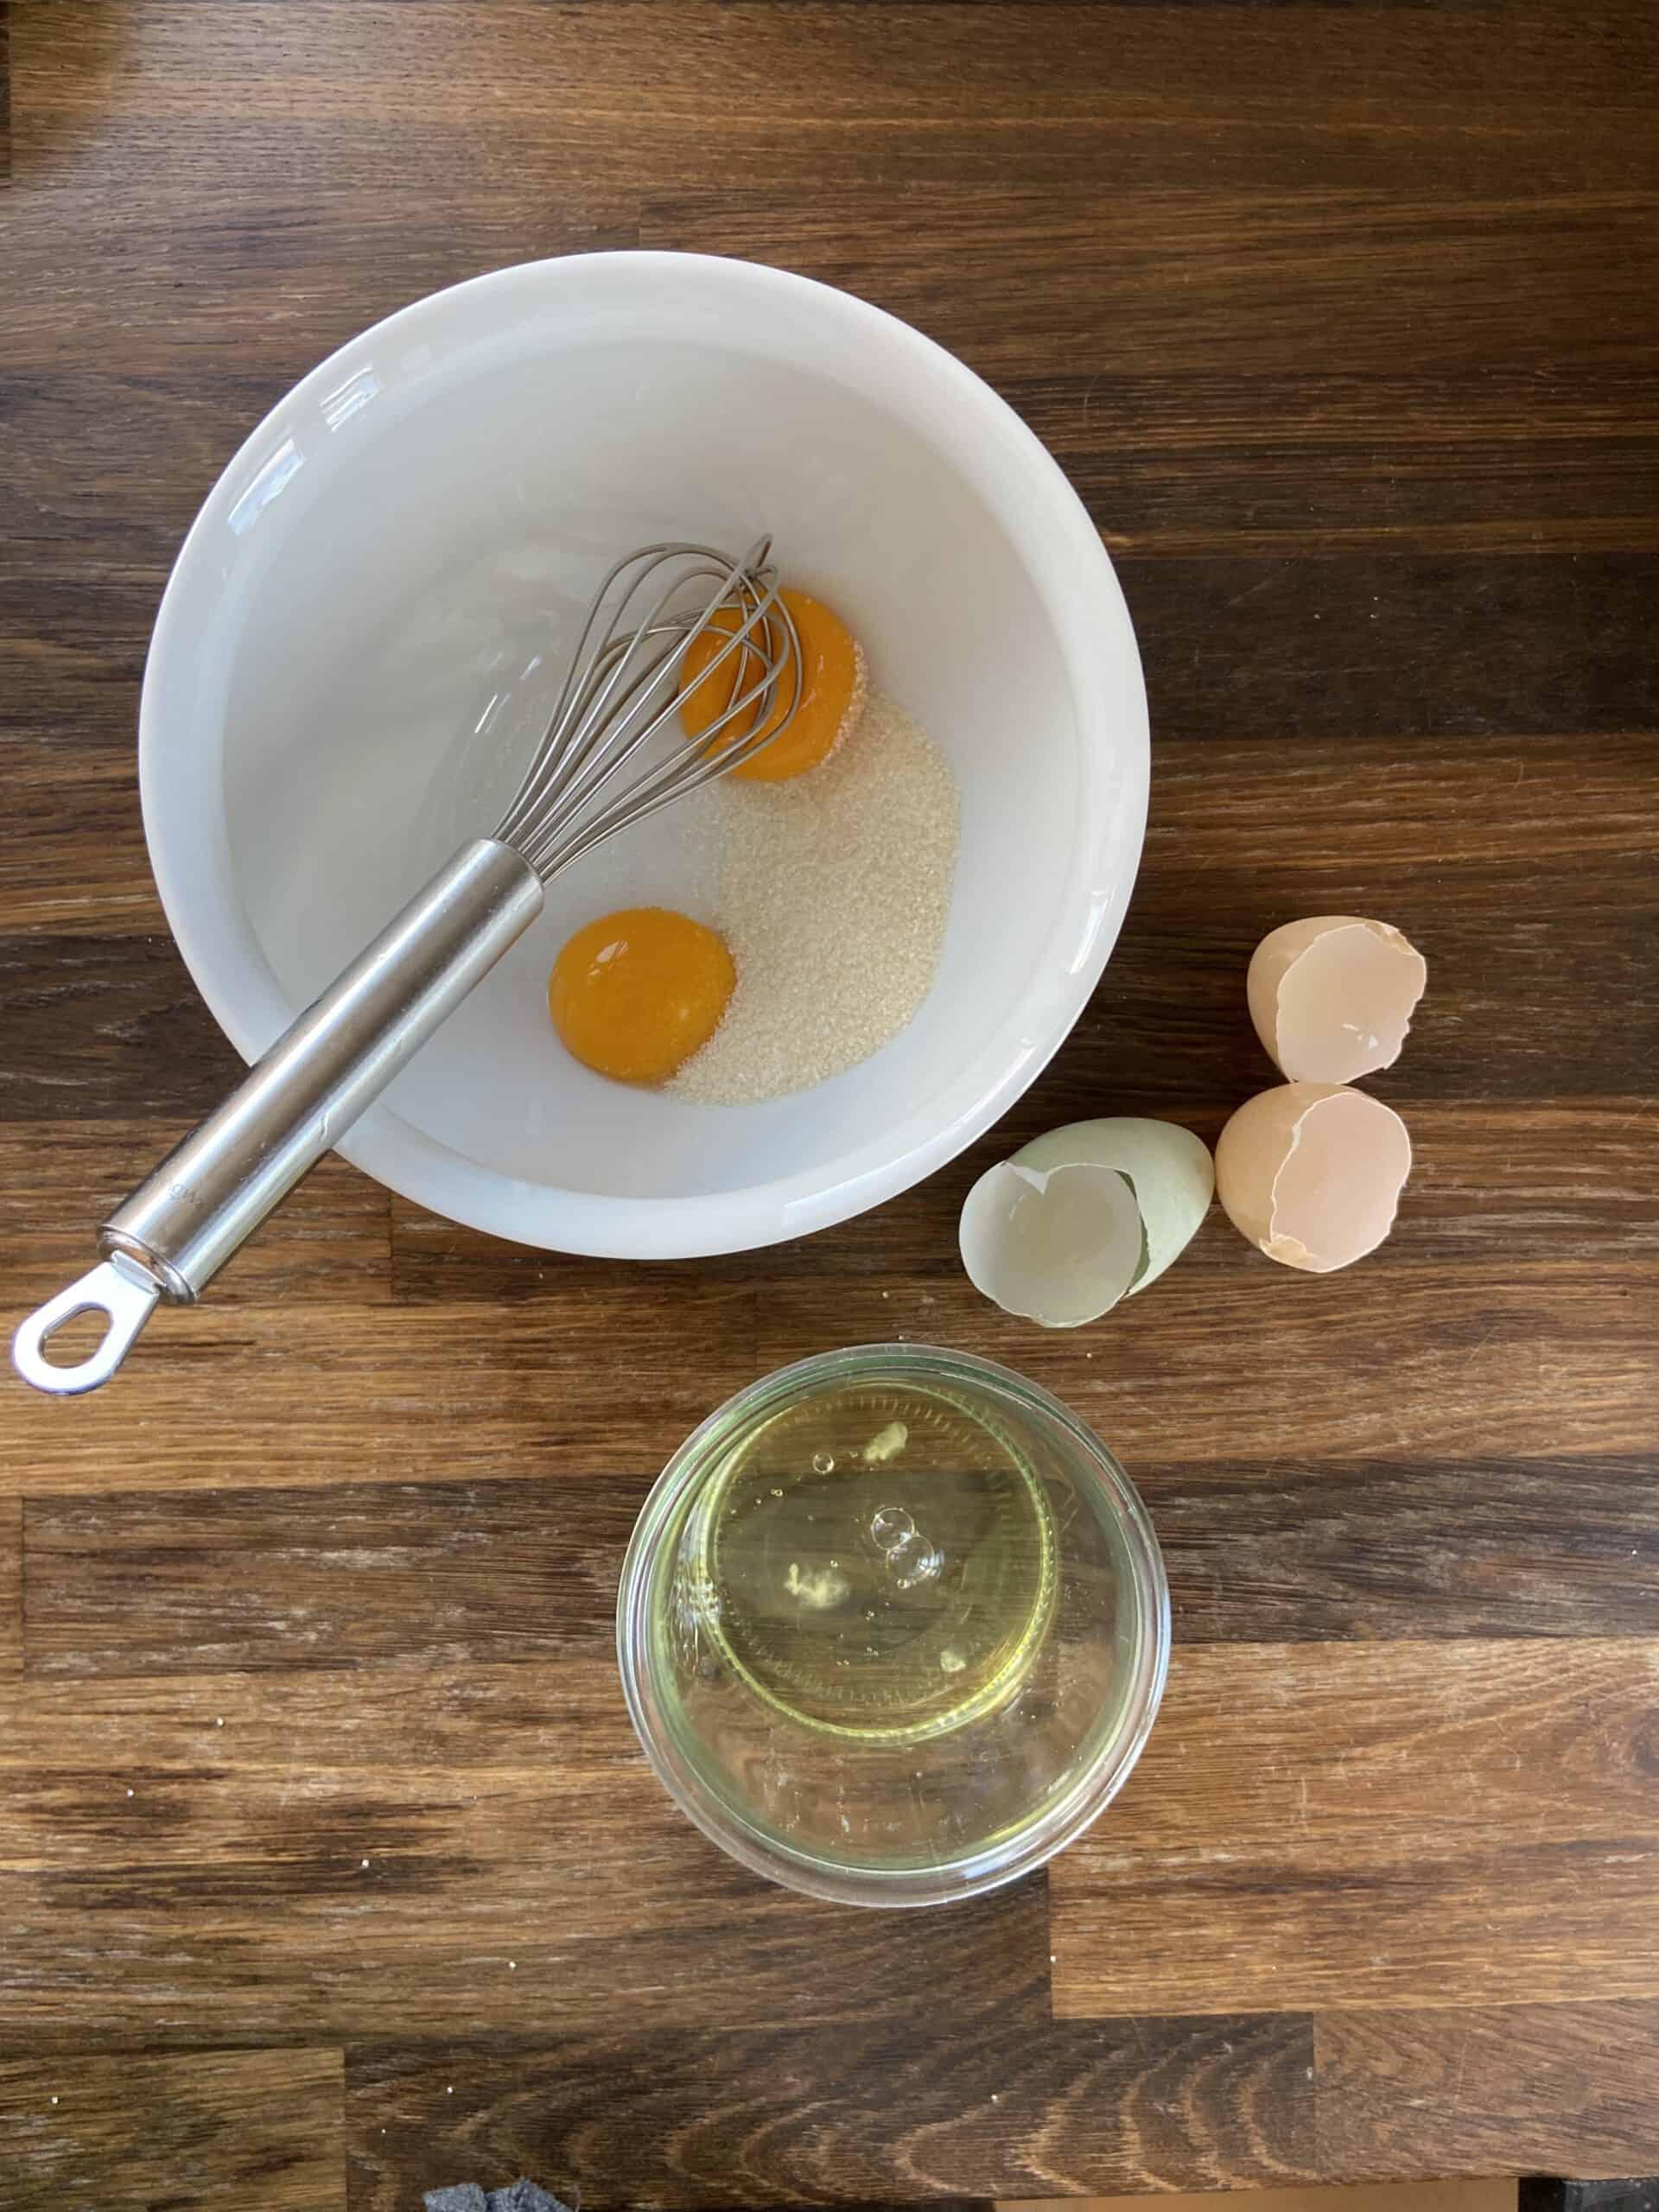 Æggeblommer og sukker piskes